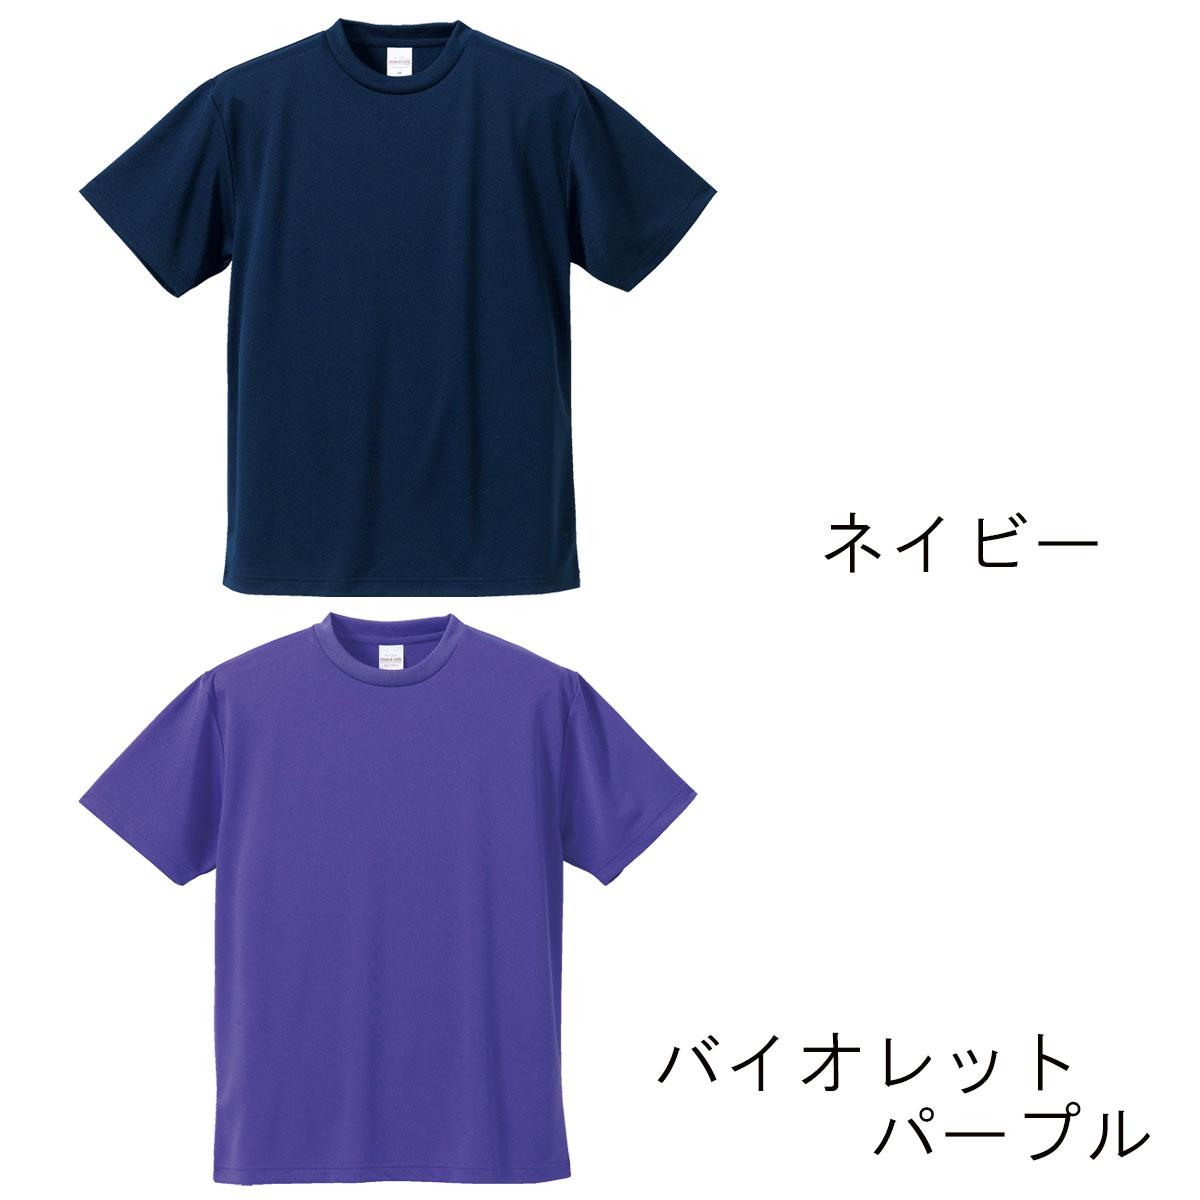 ドライアスレチック Tシャツ